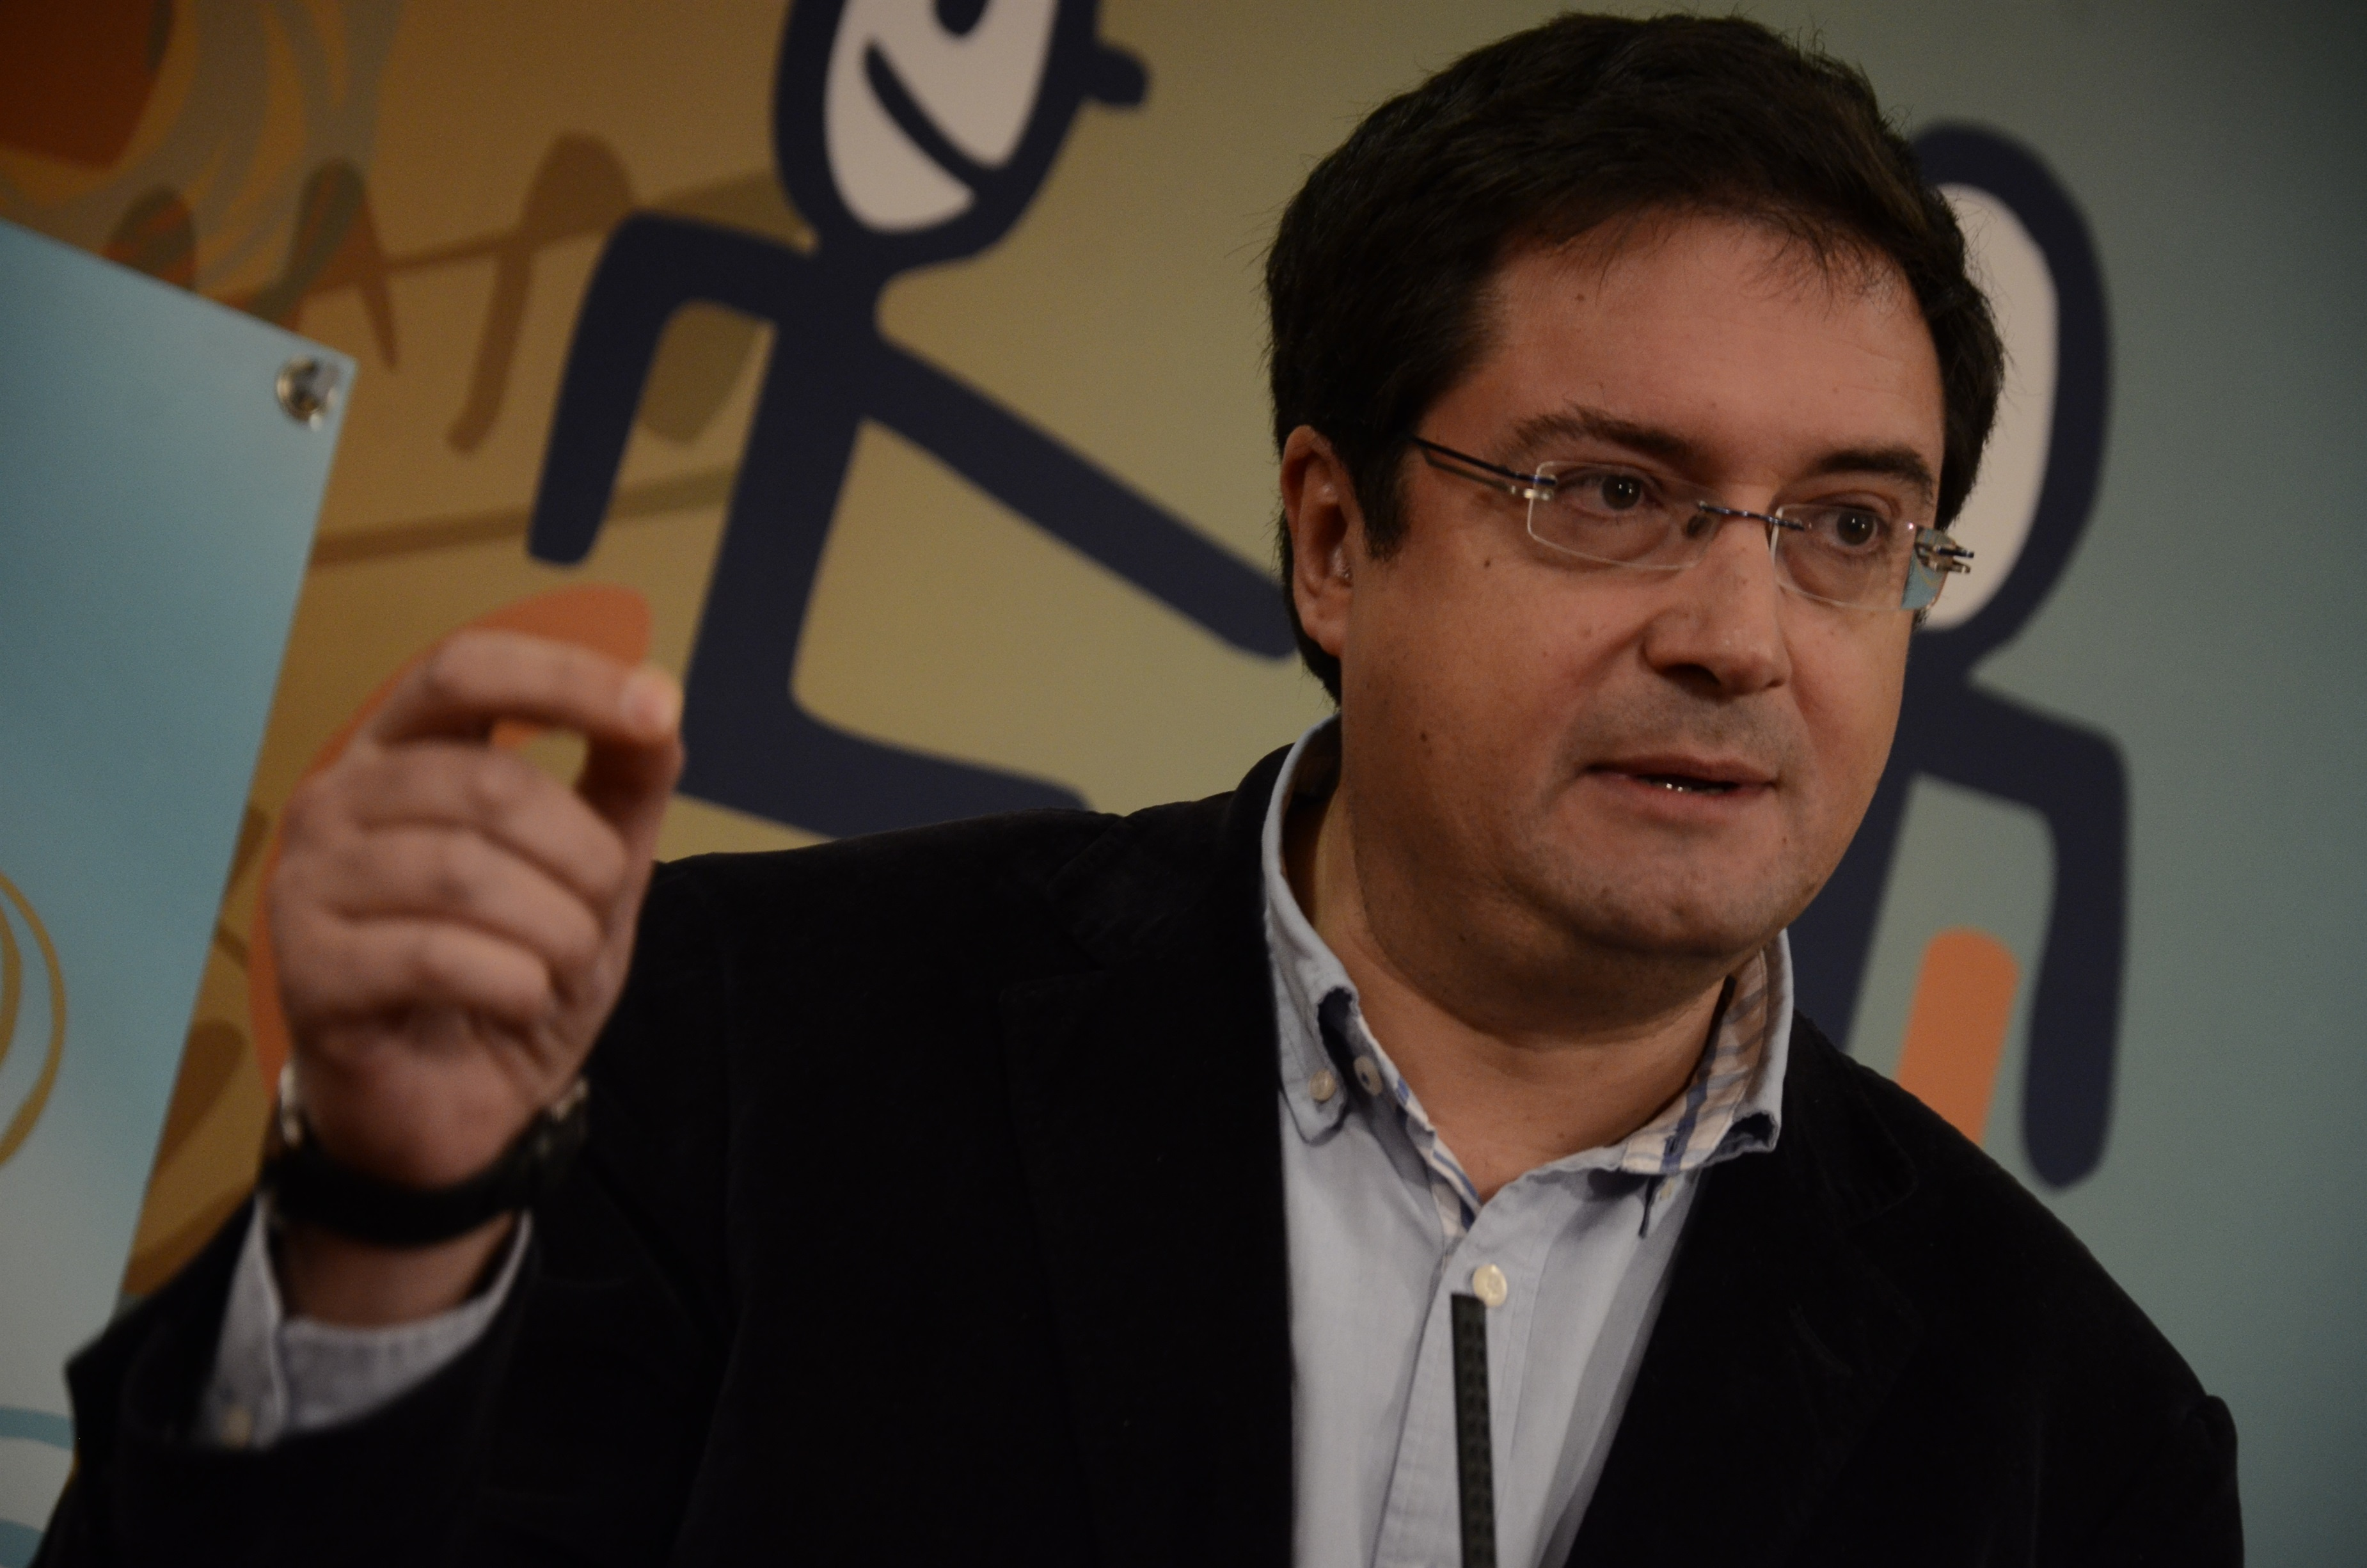 PSOE cree que Rajoy se ha equivocado al no fomentar el diálogo en el «viaje a ninguna parte» que plantea Mas